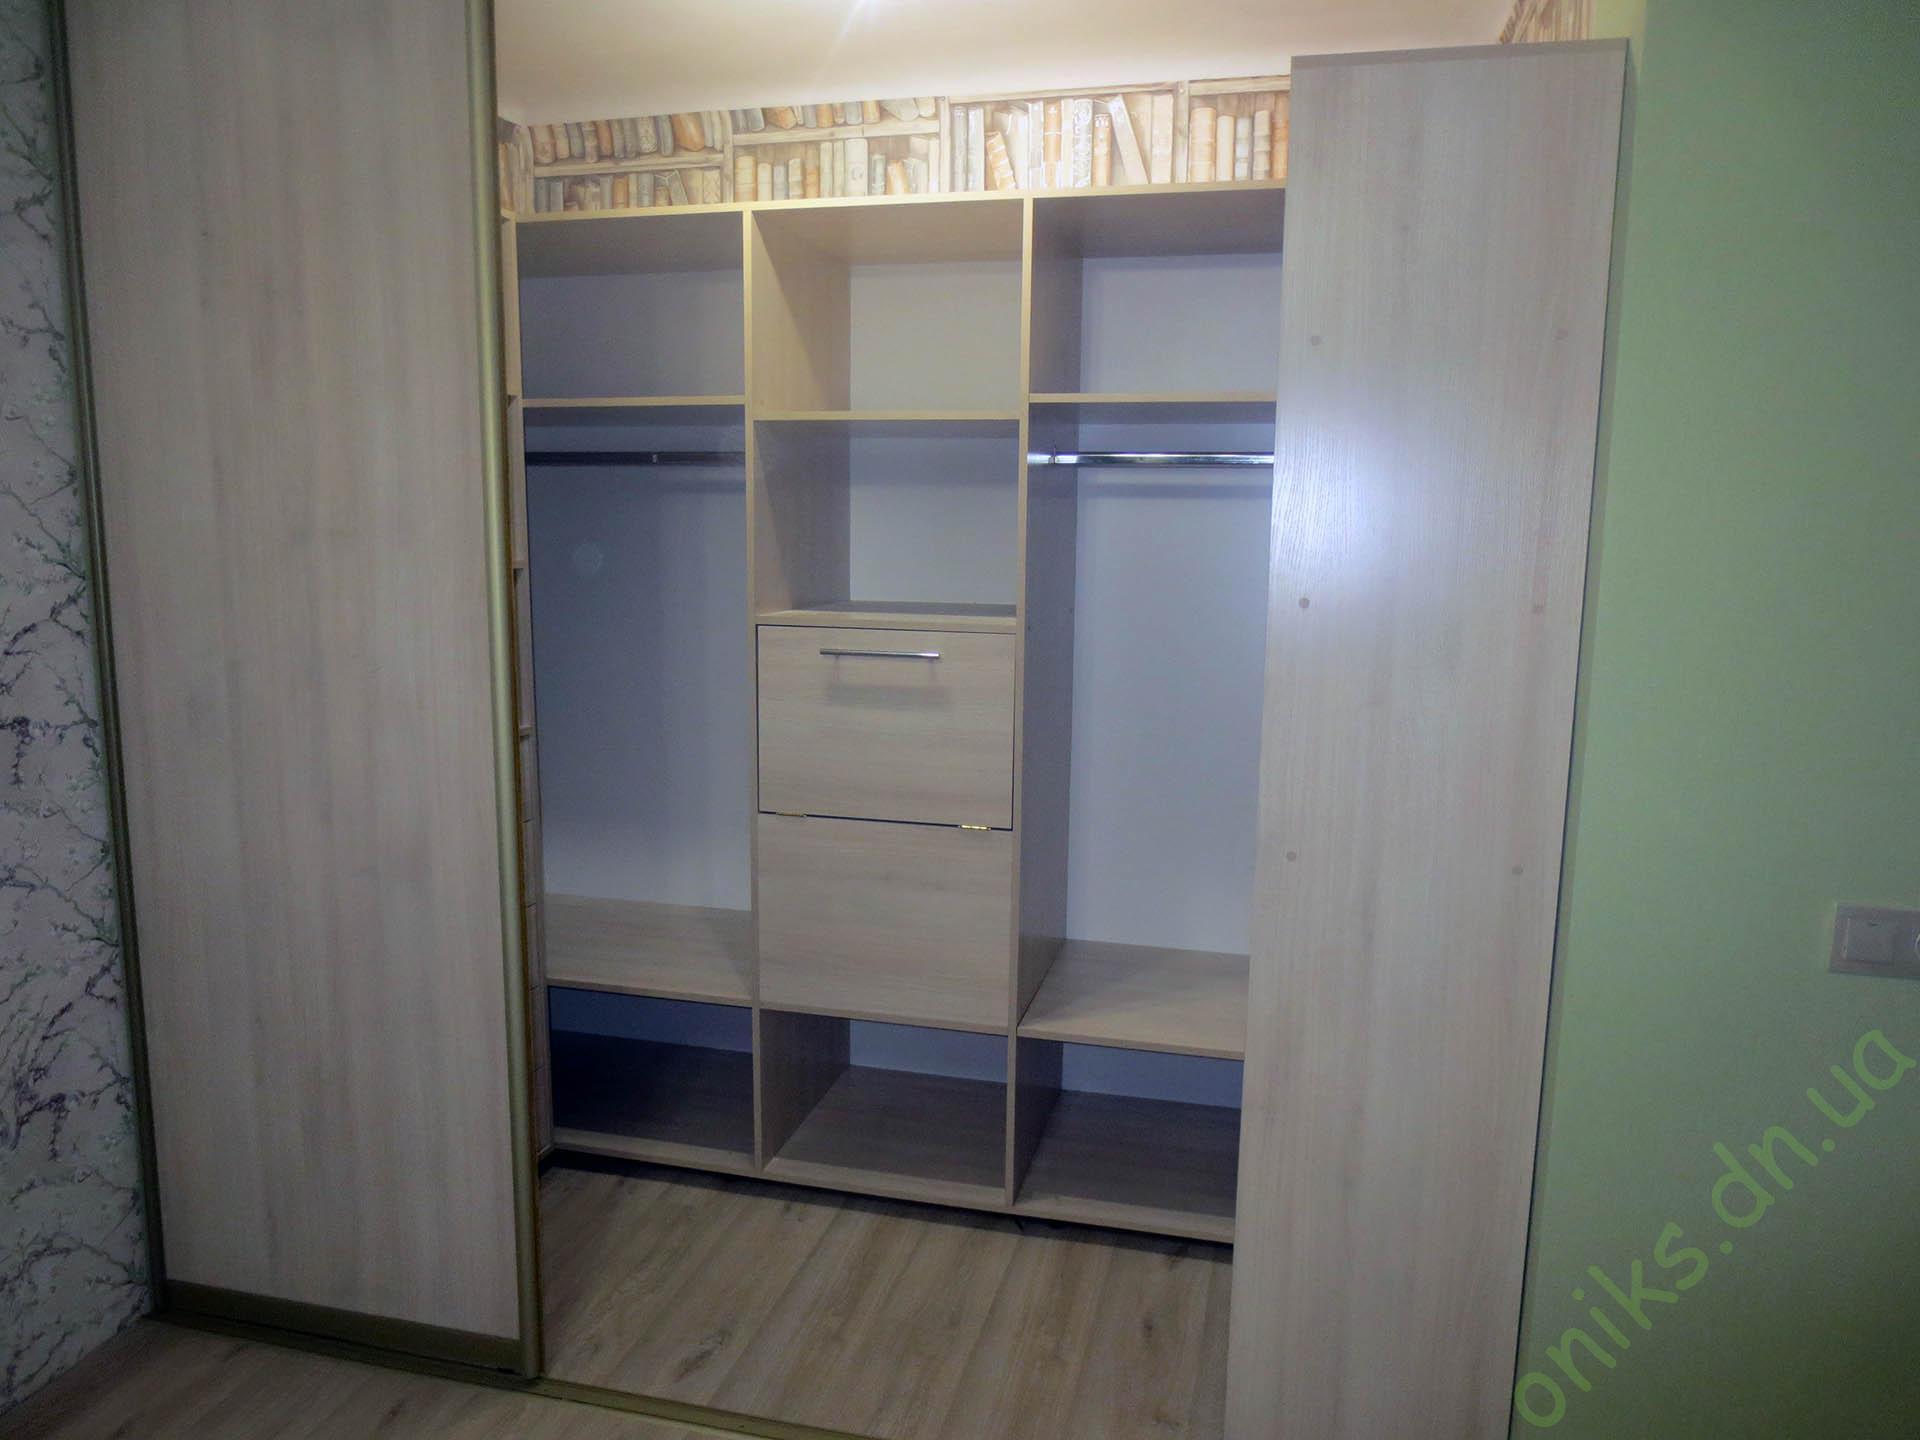 Купить шкаф для гардеробной с раздвижными дверями в Донецке